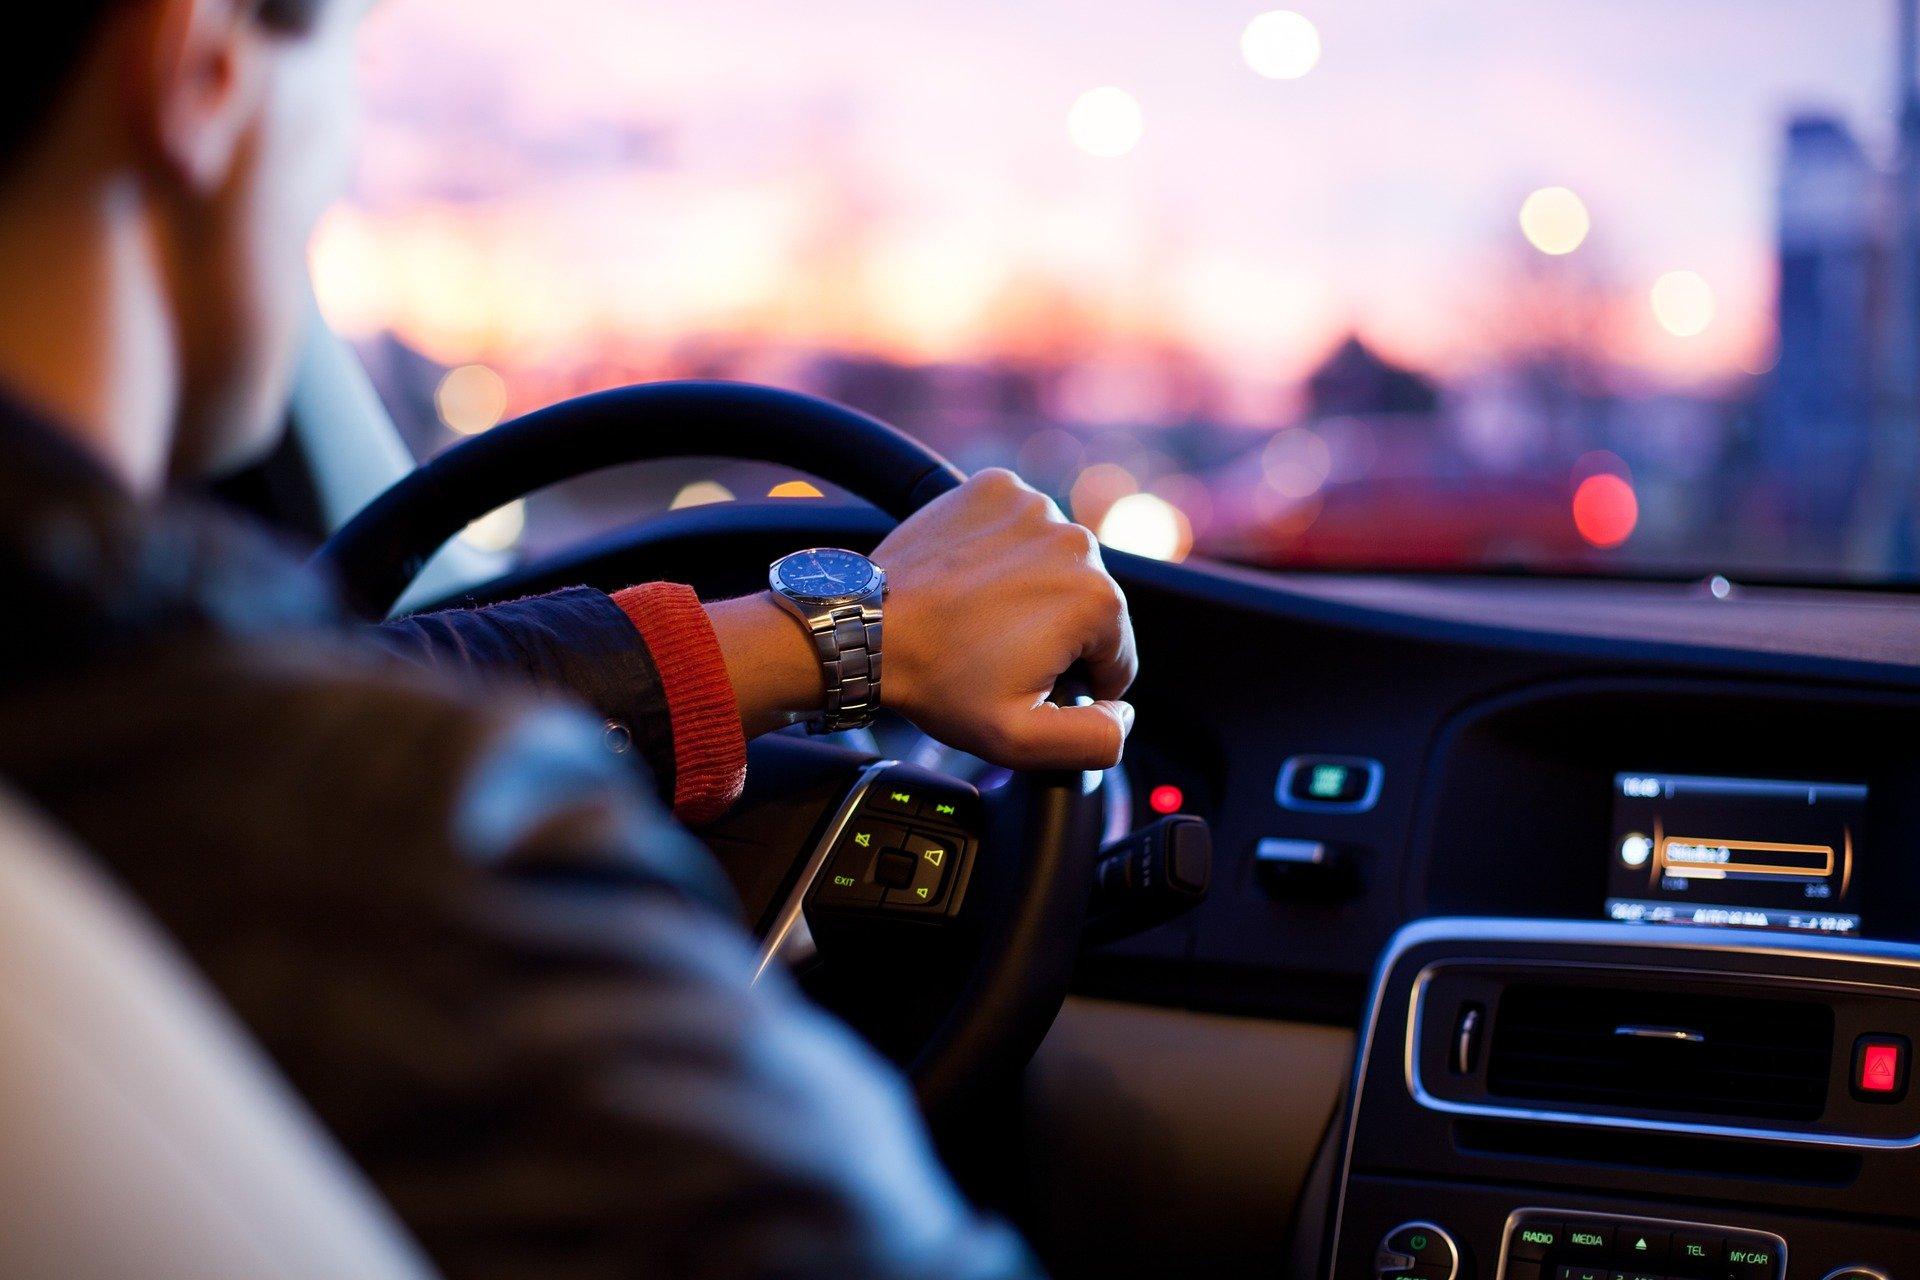 商品を売る際に学ぶべきは自動車業界